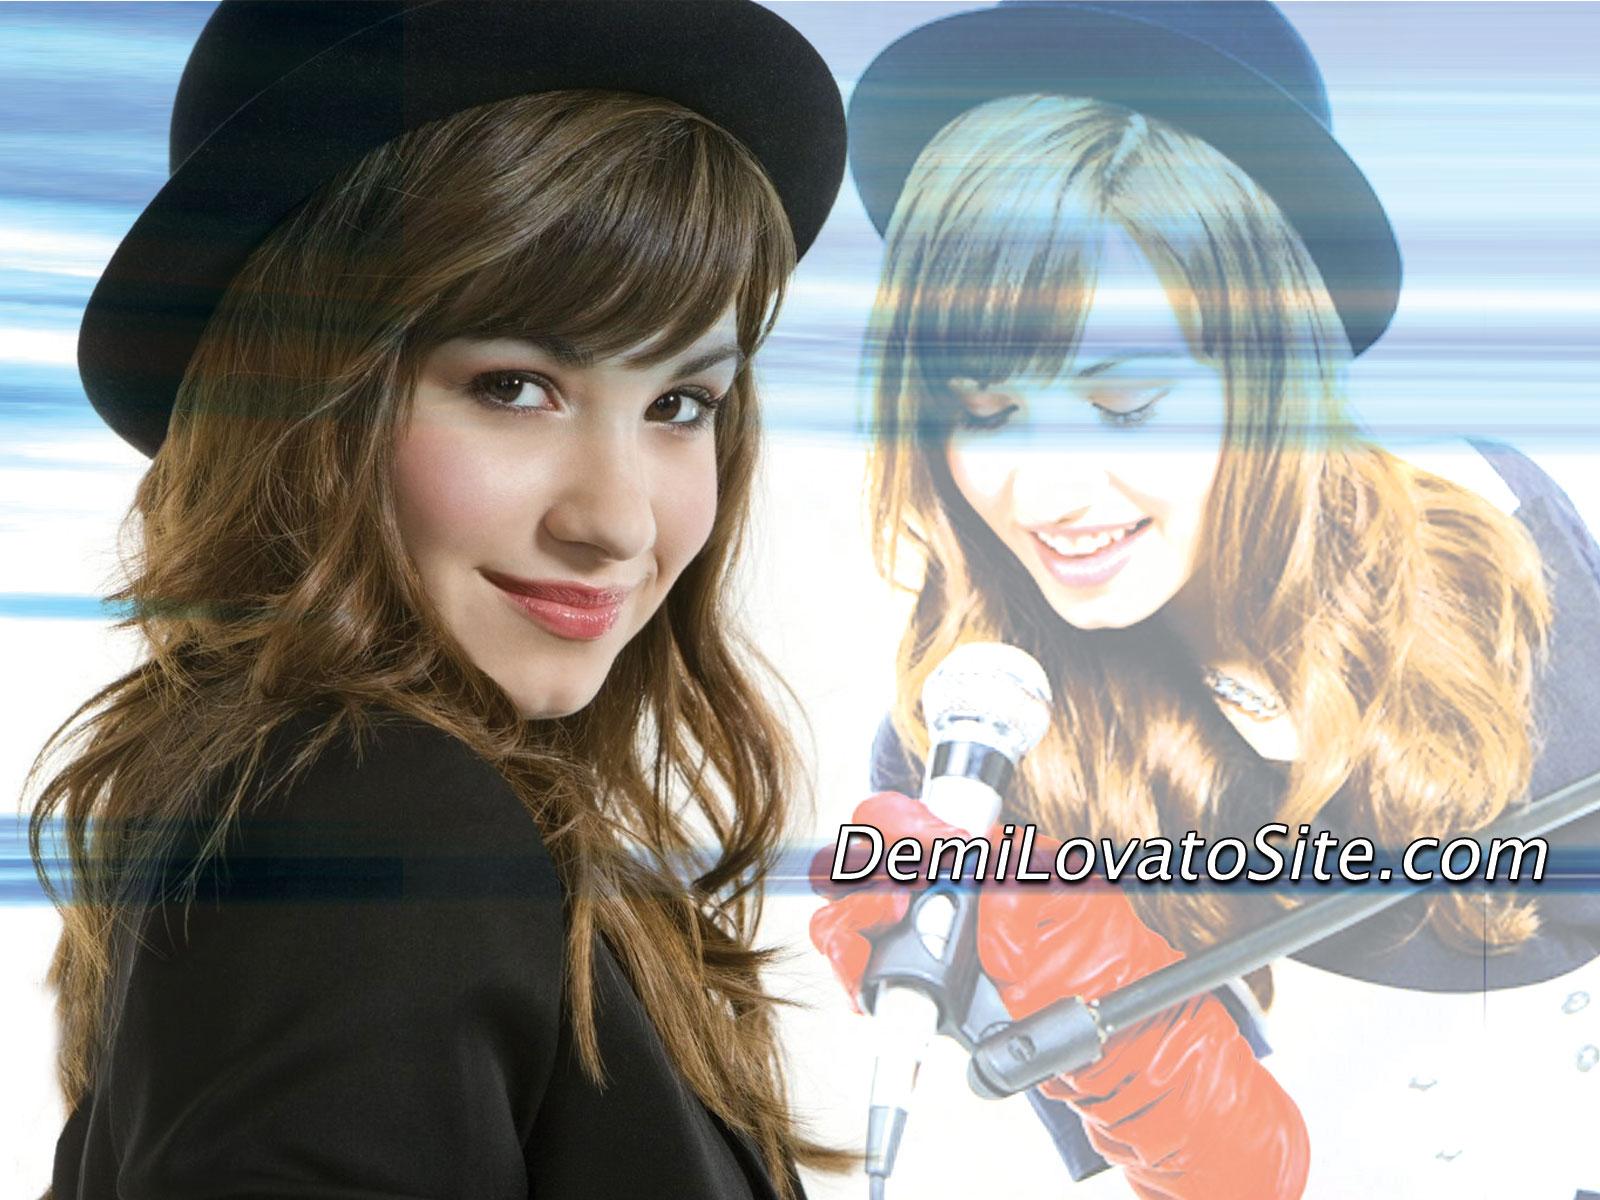 http://4.bp.blogspot.com/-k2FST5Rwc9c/TrtW17TJjLI/AAAAAAAAAMs/TgB7pX7gWIo/s1600/Demi+Lovato+Wallpaper+%252812%2529.jpg